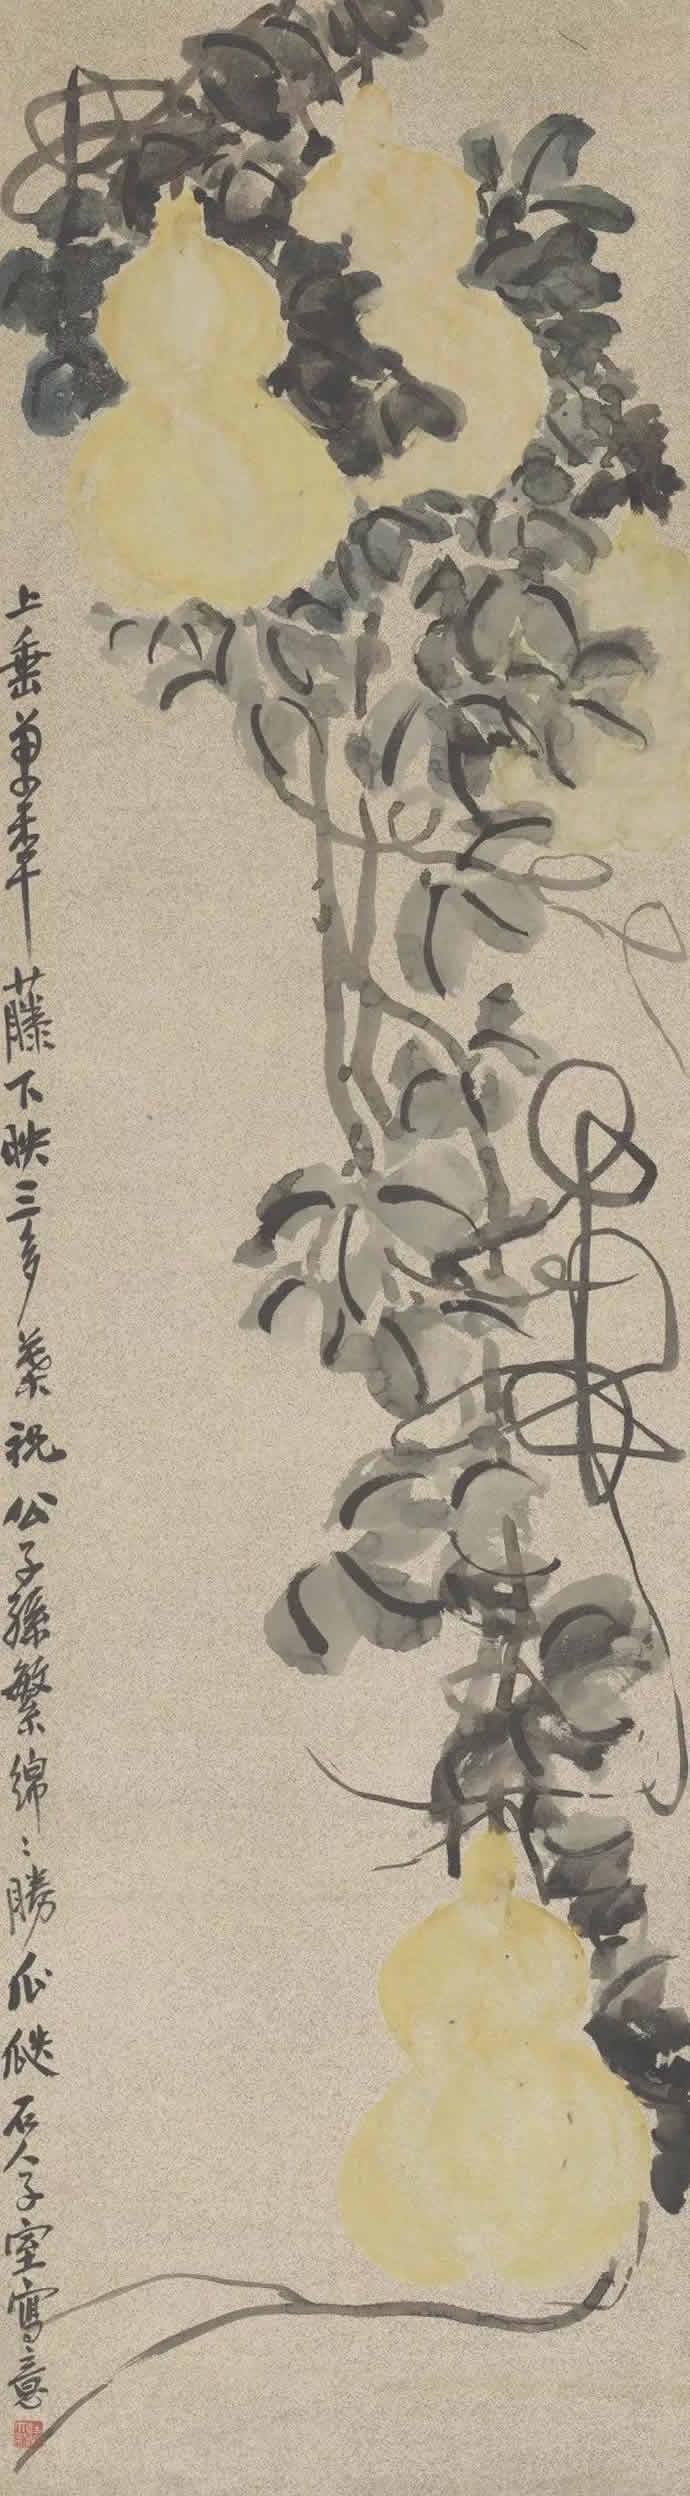 吴昌硕 葫芦图轴